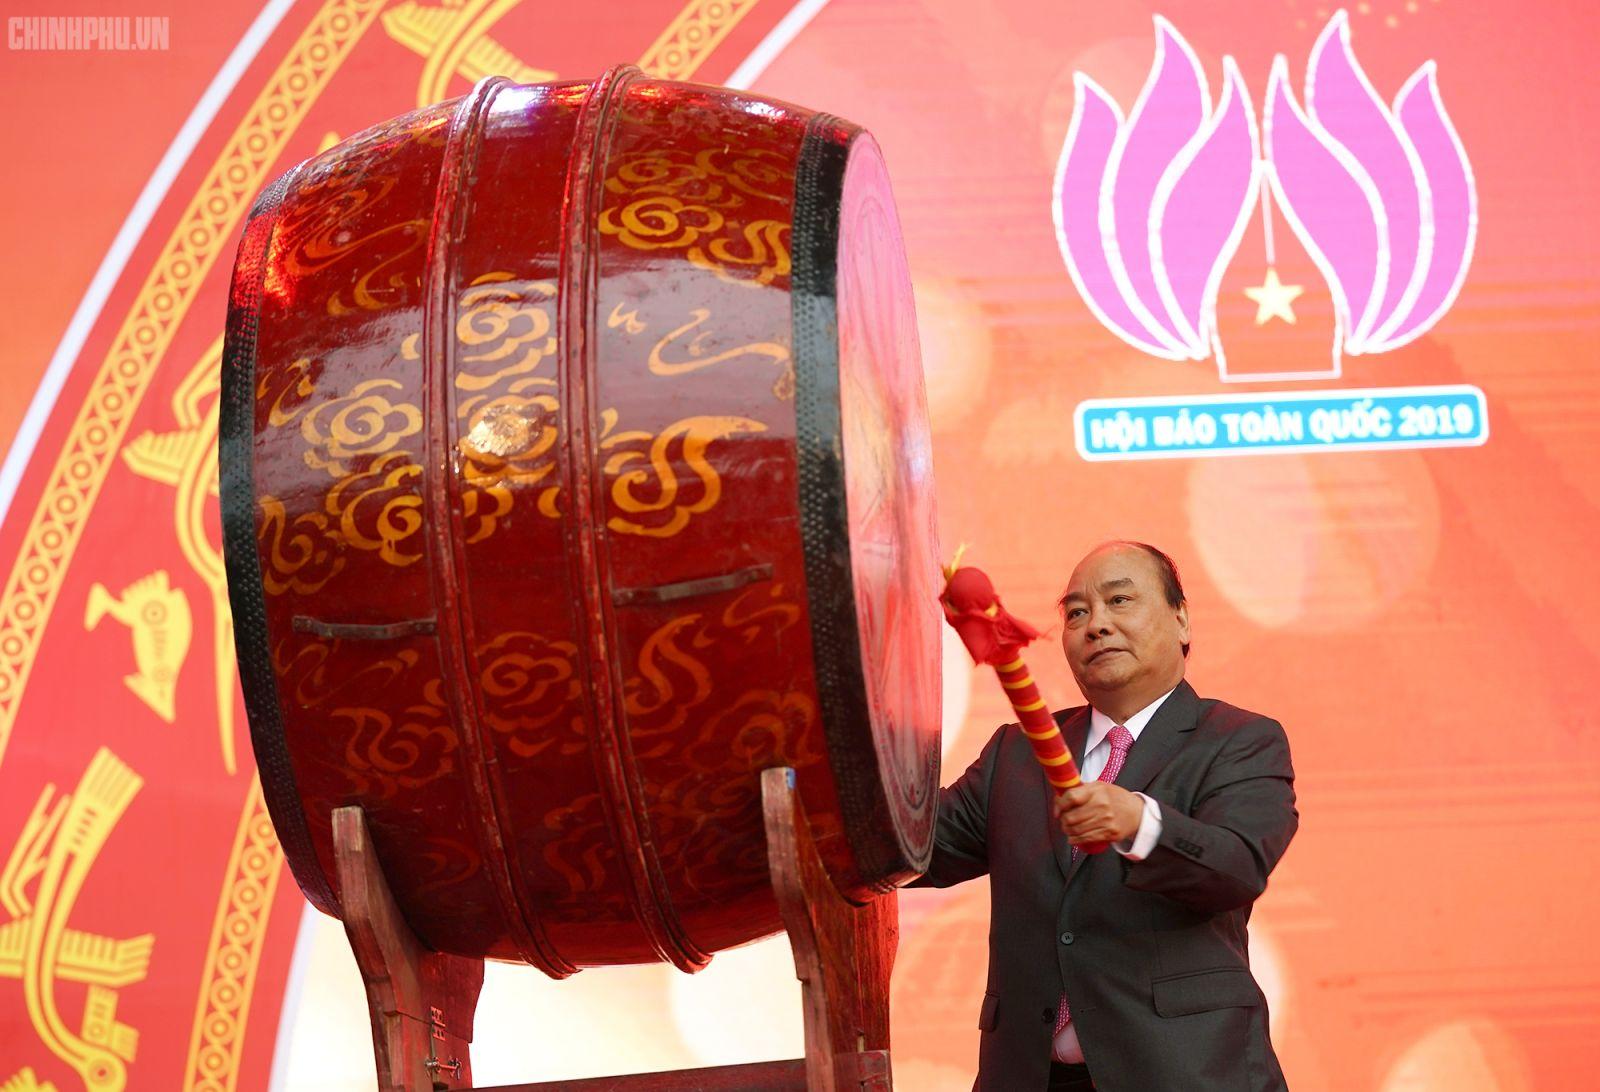 Thủ tướng đánh trống khai mạc Hội Báo toàn quốc 2019. Ảnh: VGP/Quang Hiếu